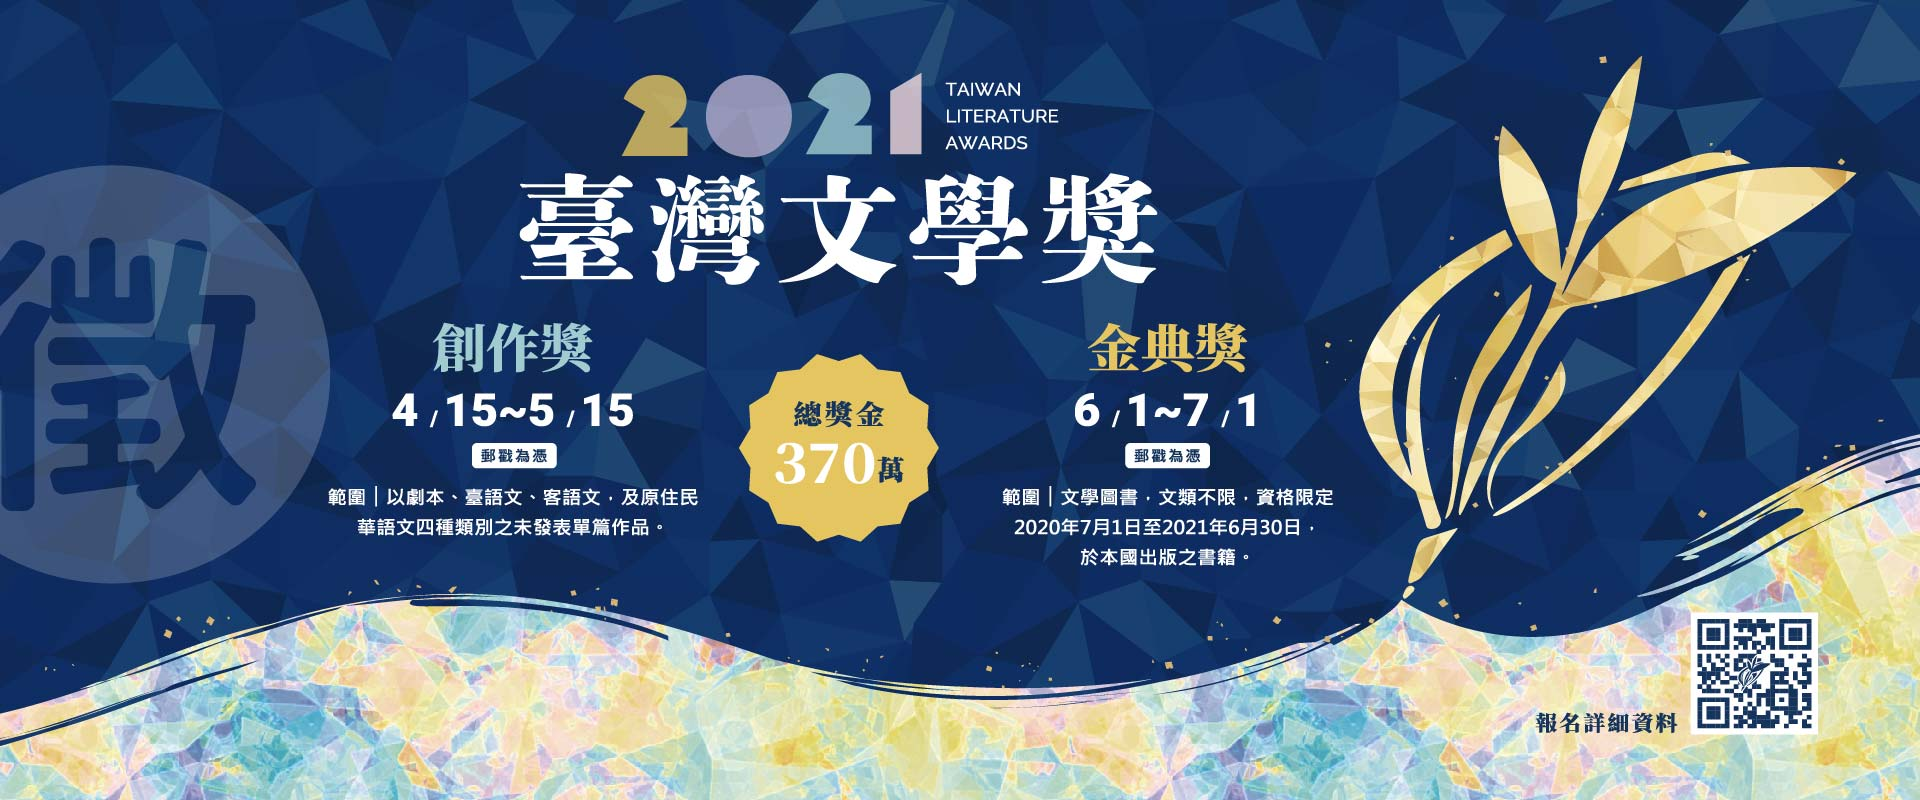 2021臺灣文學獎徵件banner